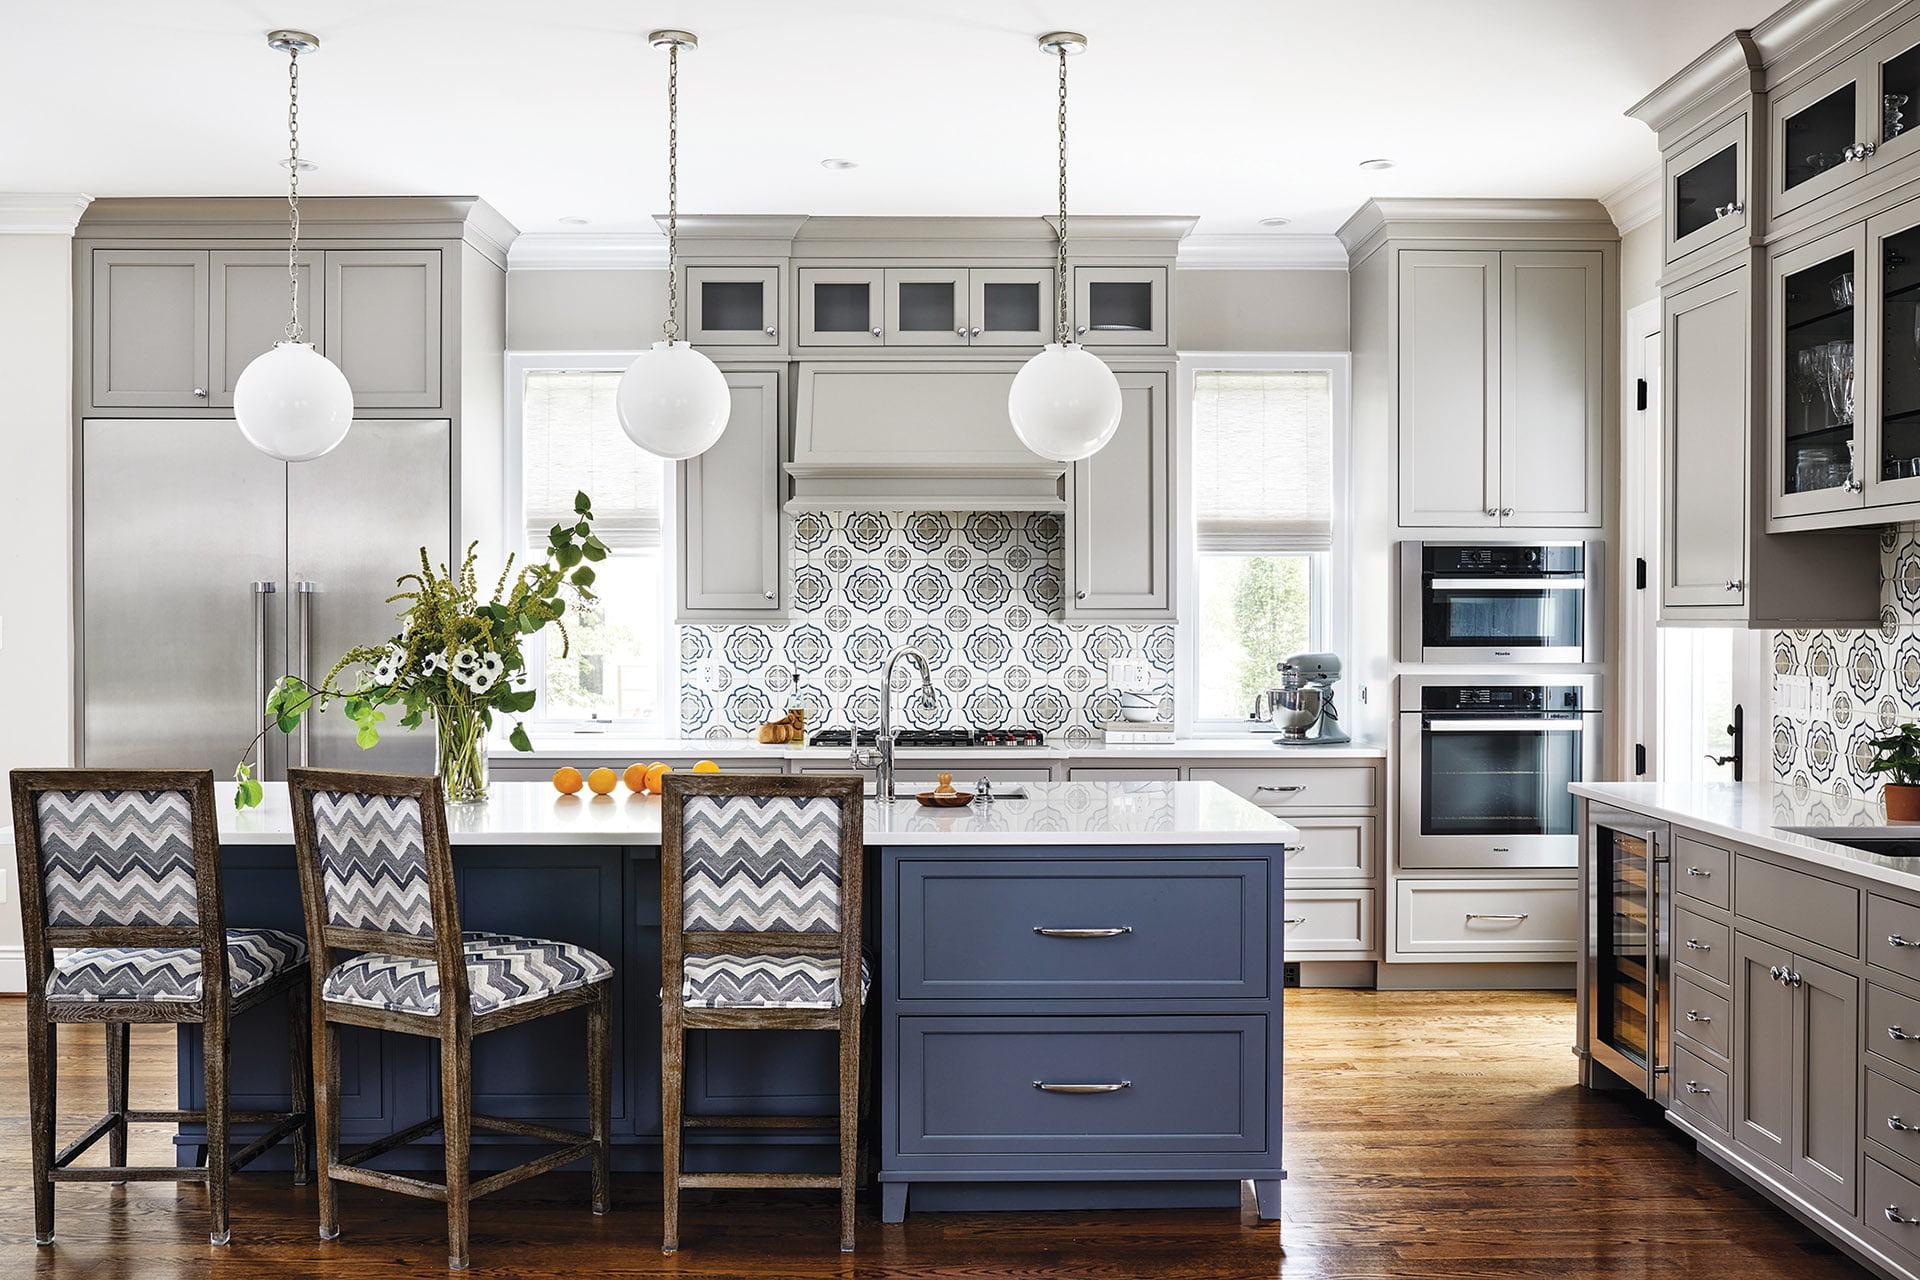 Kitchen, Walker Zanger backsplash tile, blue and gray cabinetry